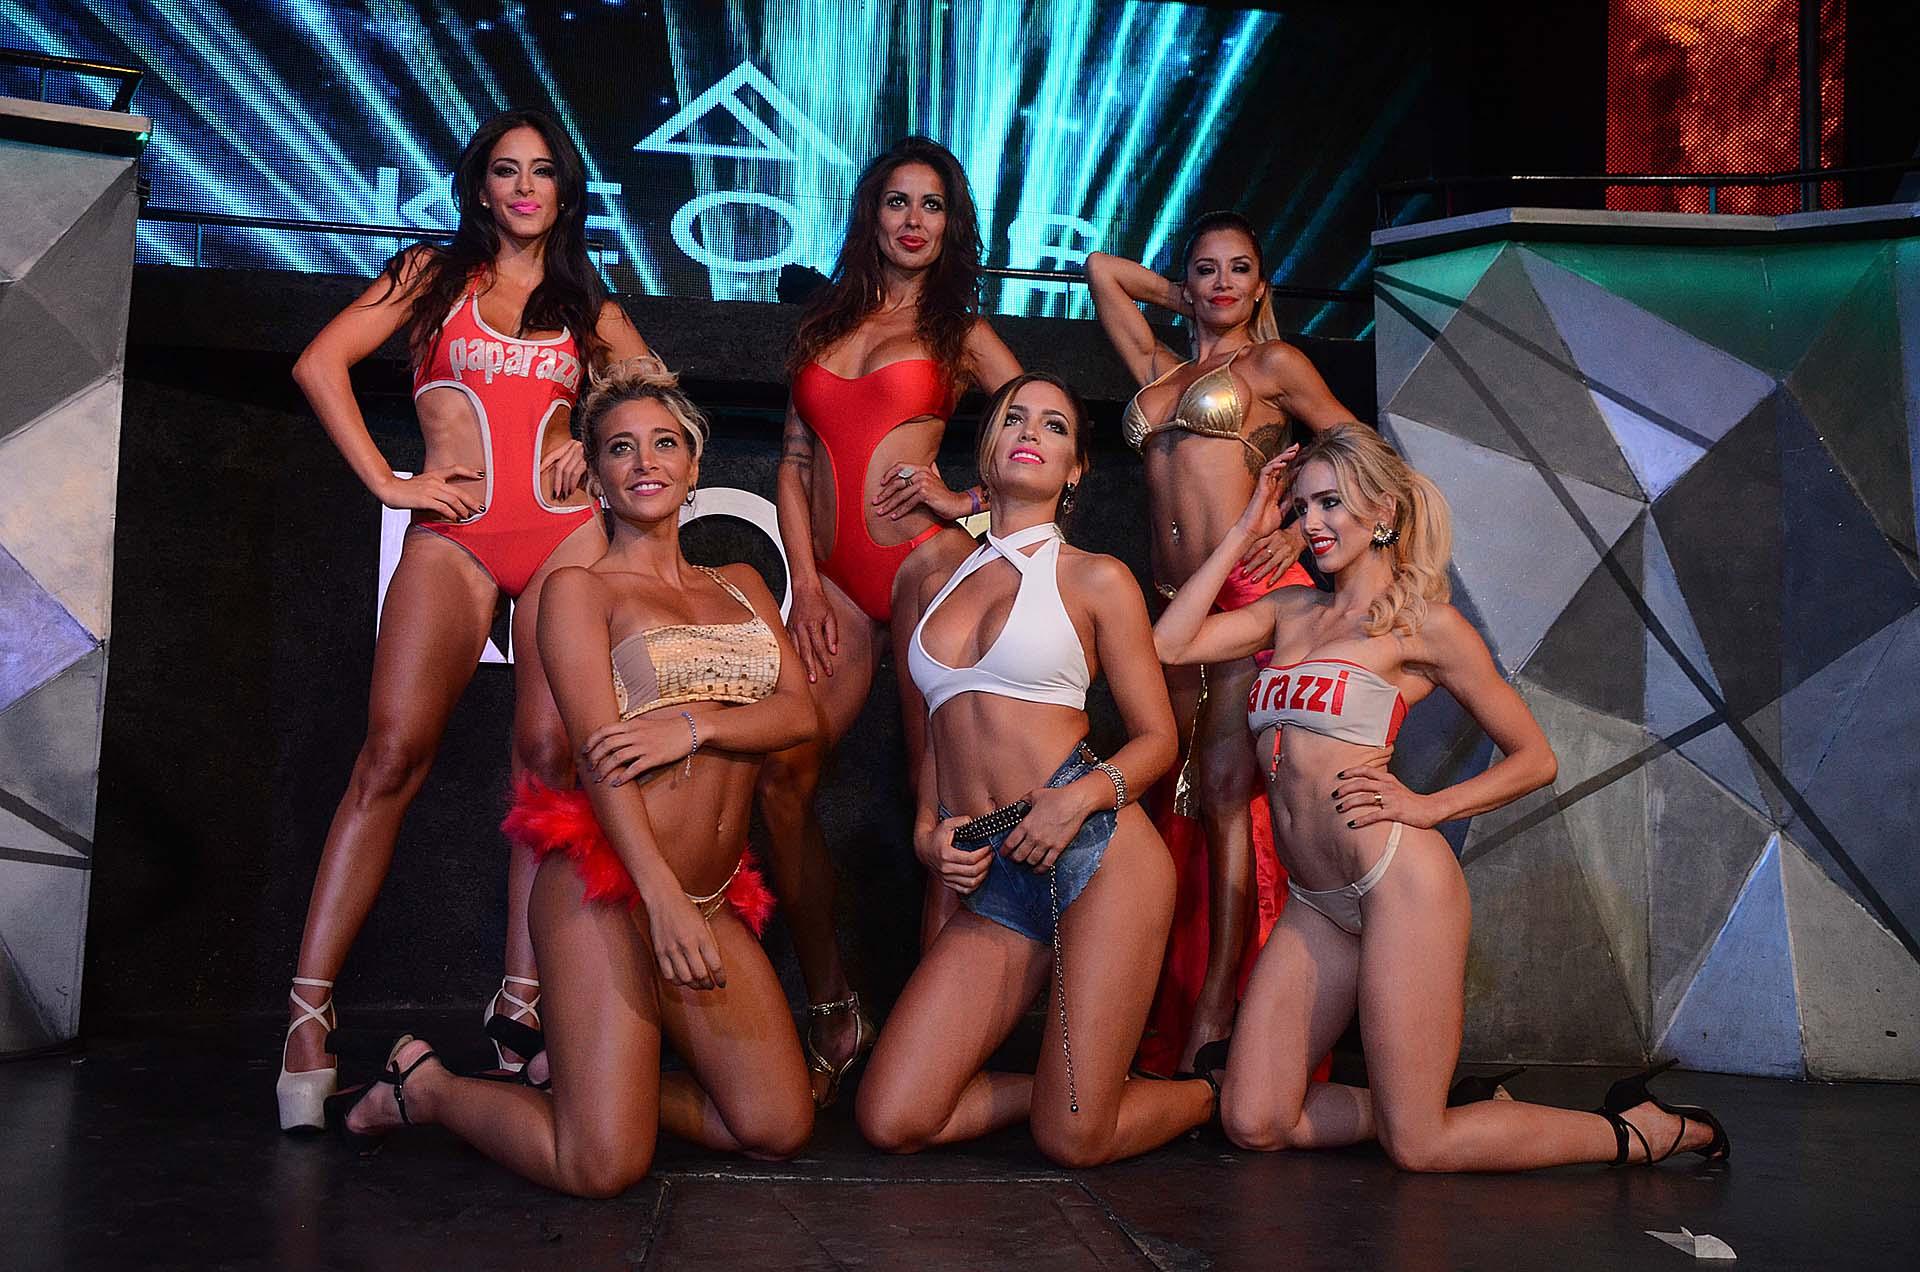 En la fiesta de Paparazzi, desfilaron Celeste Muriega, Pamela Sosa, Claudia Ciardone, Sol Pérez, Rocío Robles y Belén Pouchan